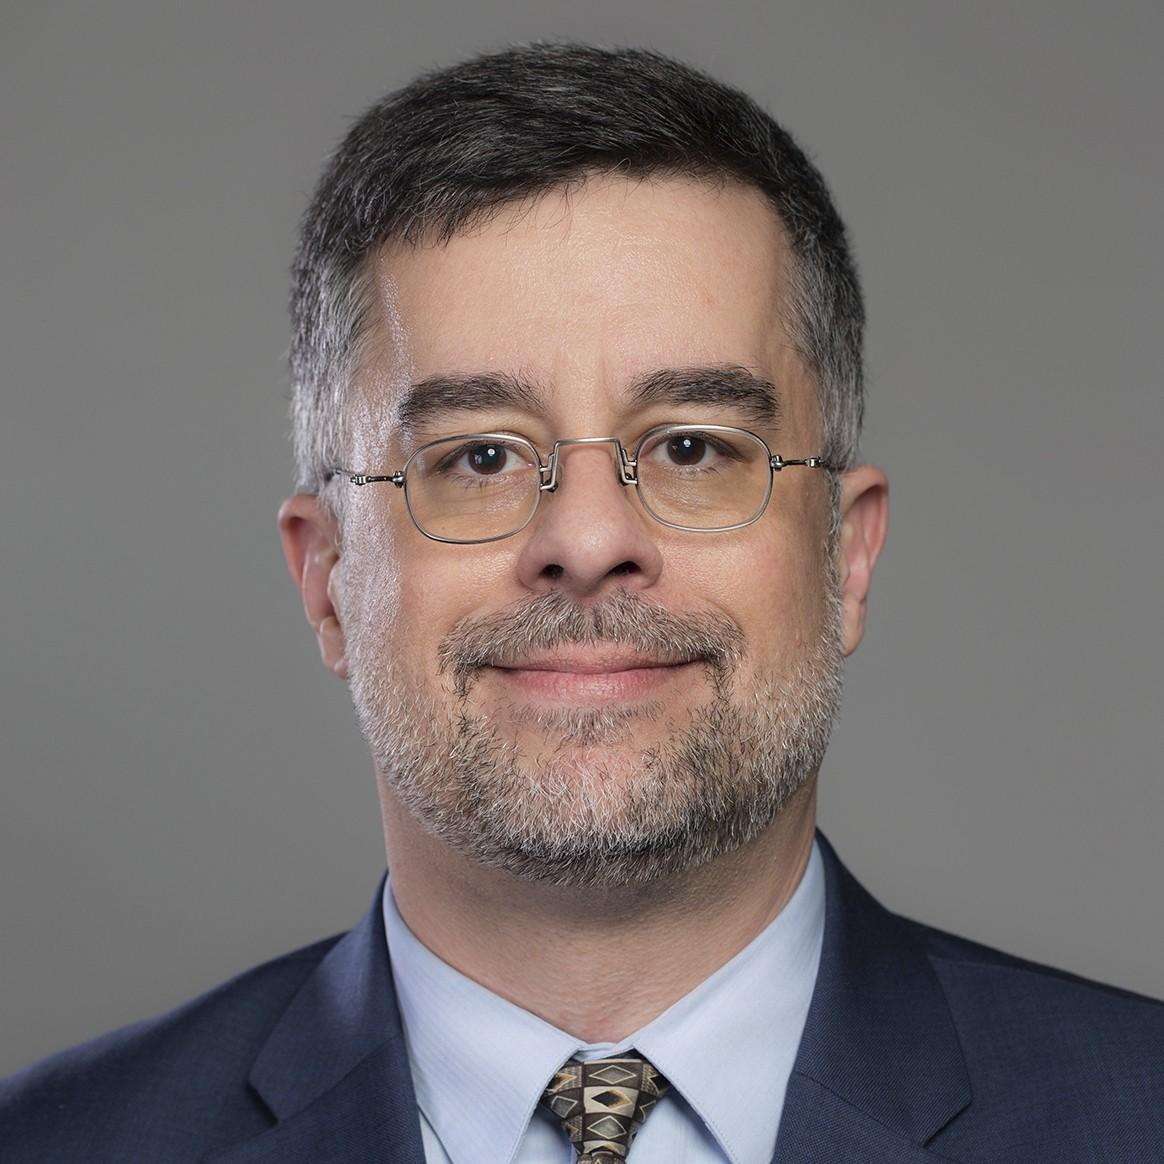 Headshot of Penn State Associate Professor of Music Education Robert Gardner